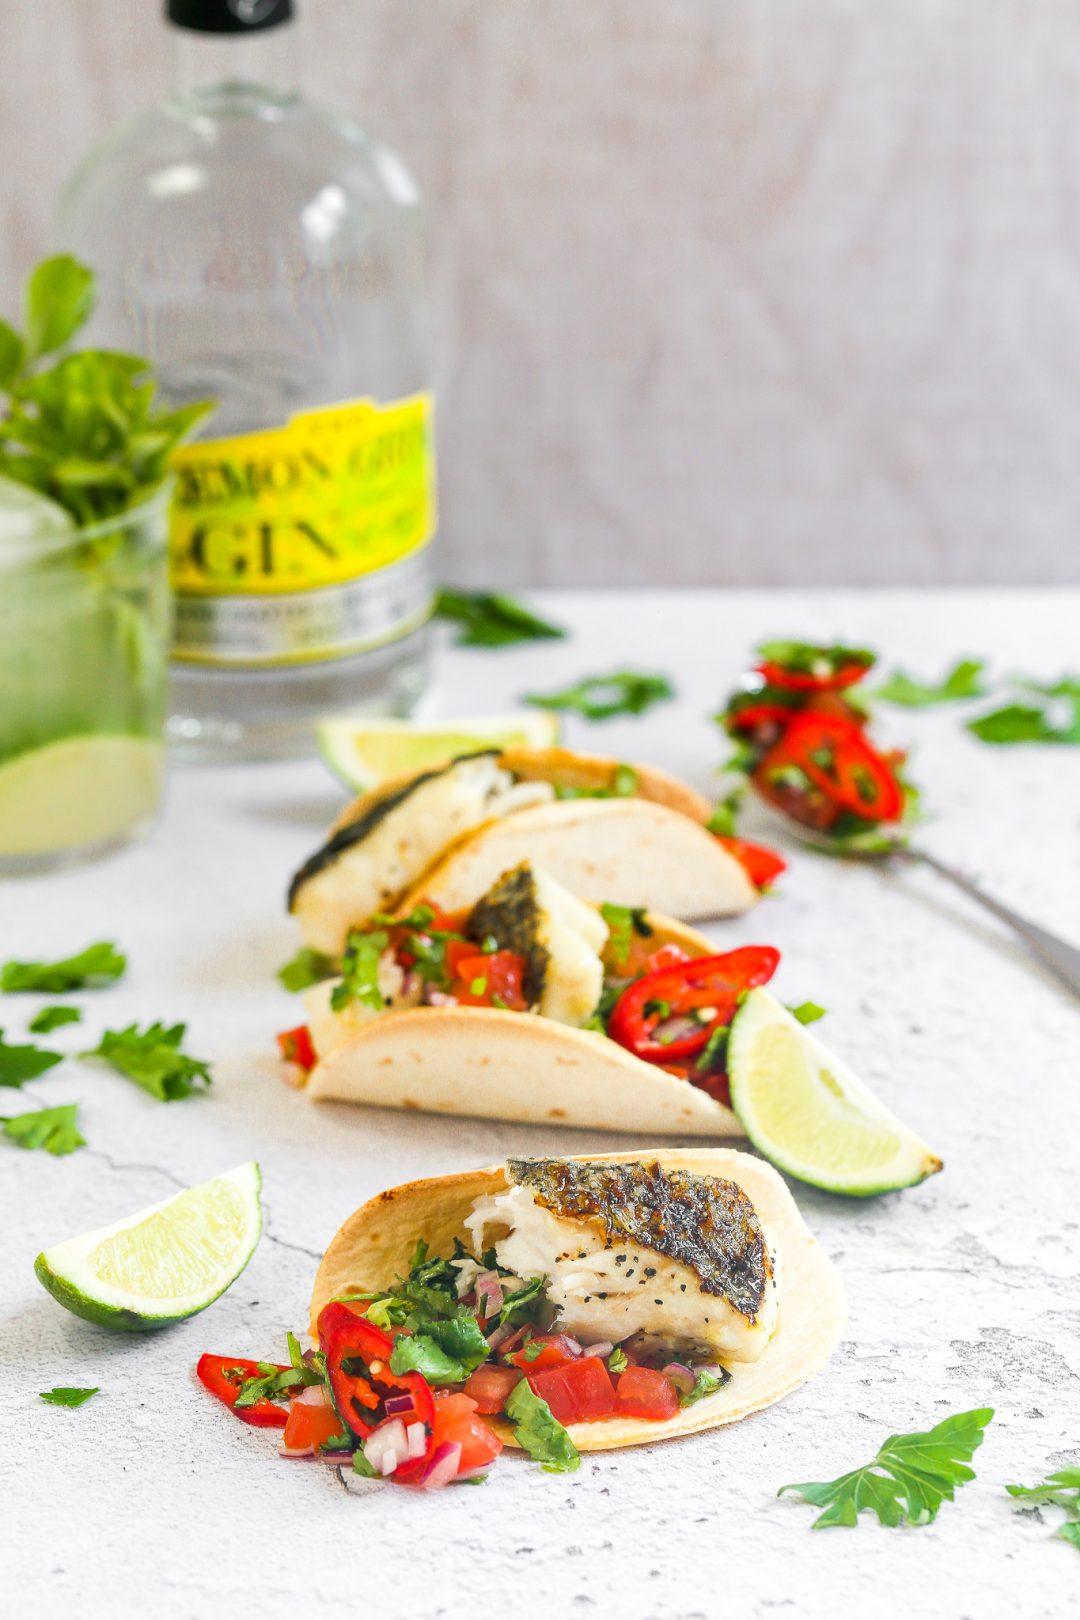 Hake and tomato and lemon gin Salsa Tacos